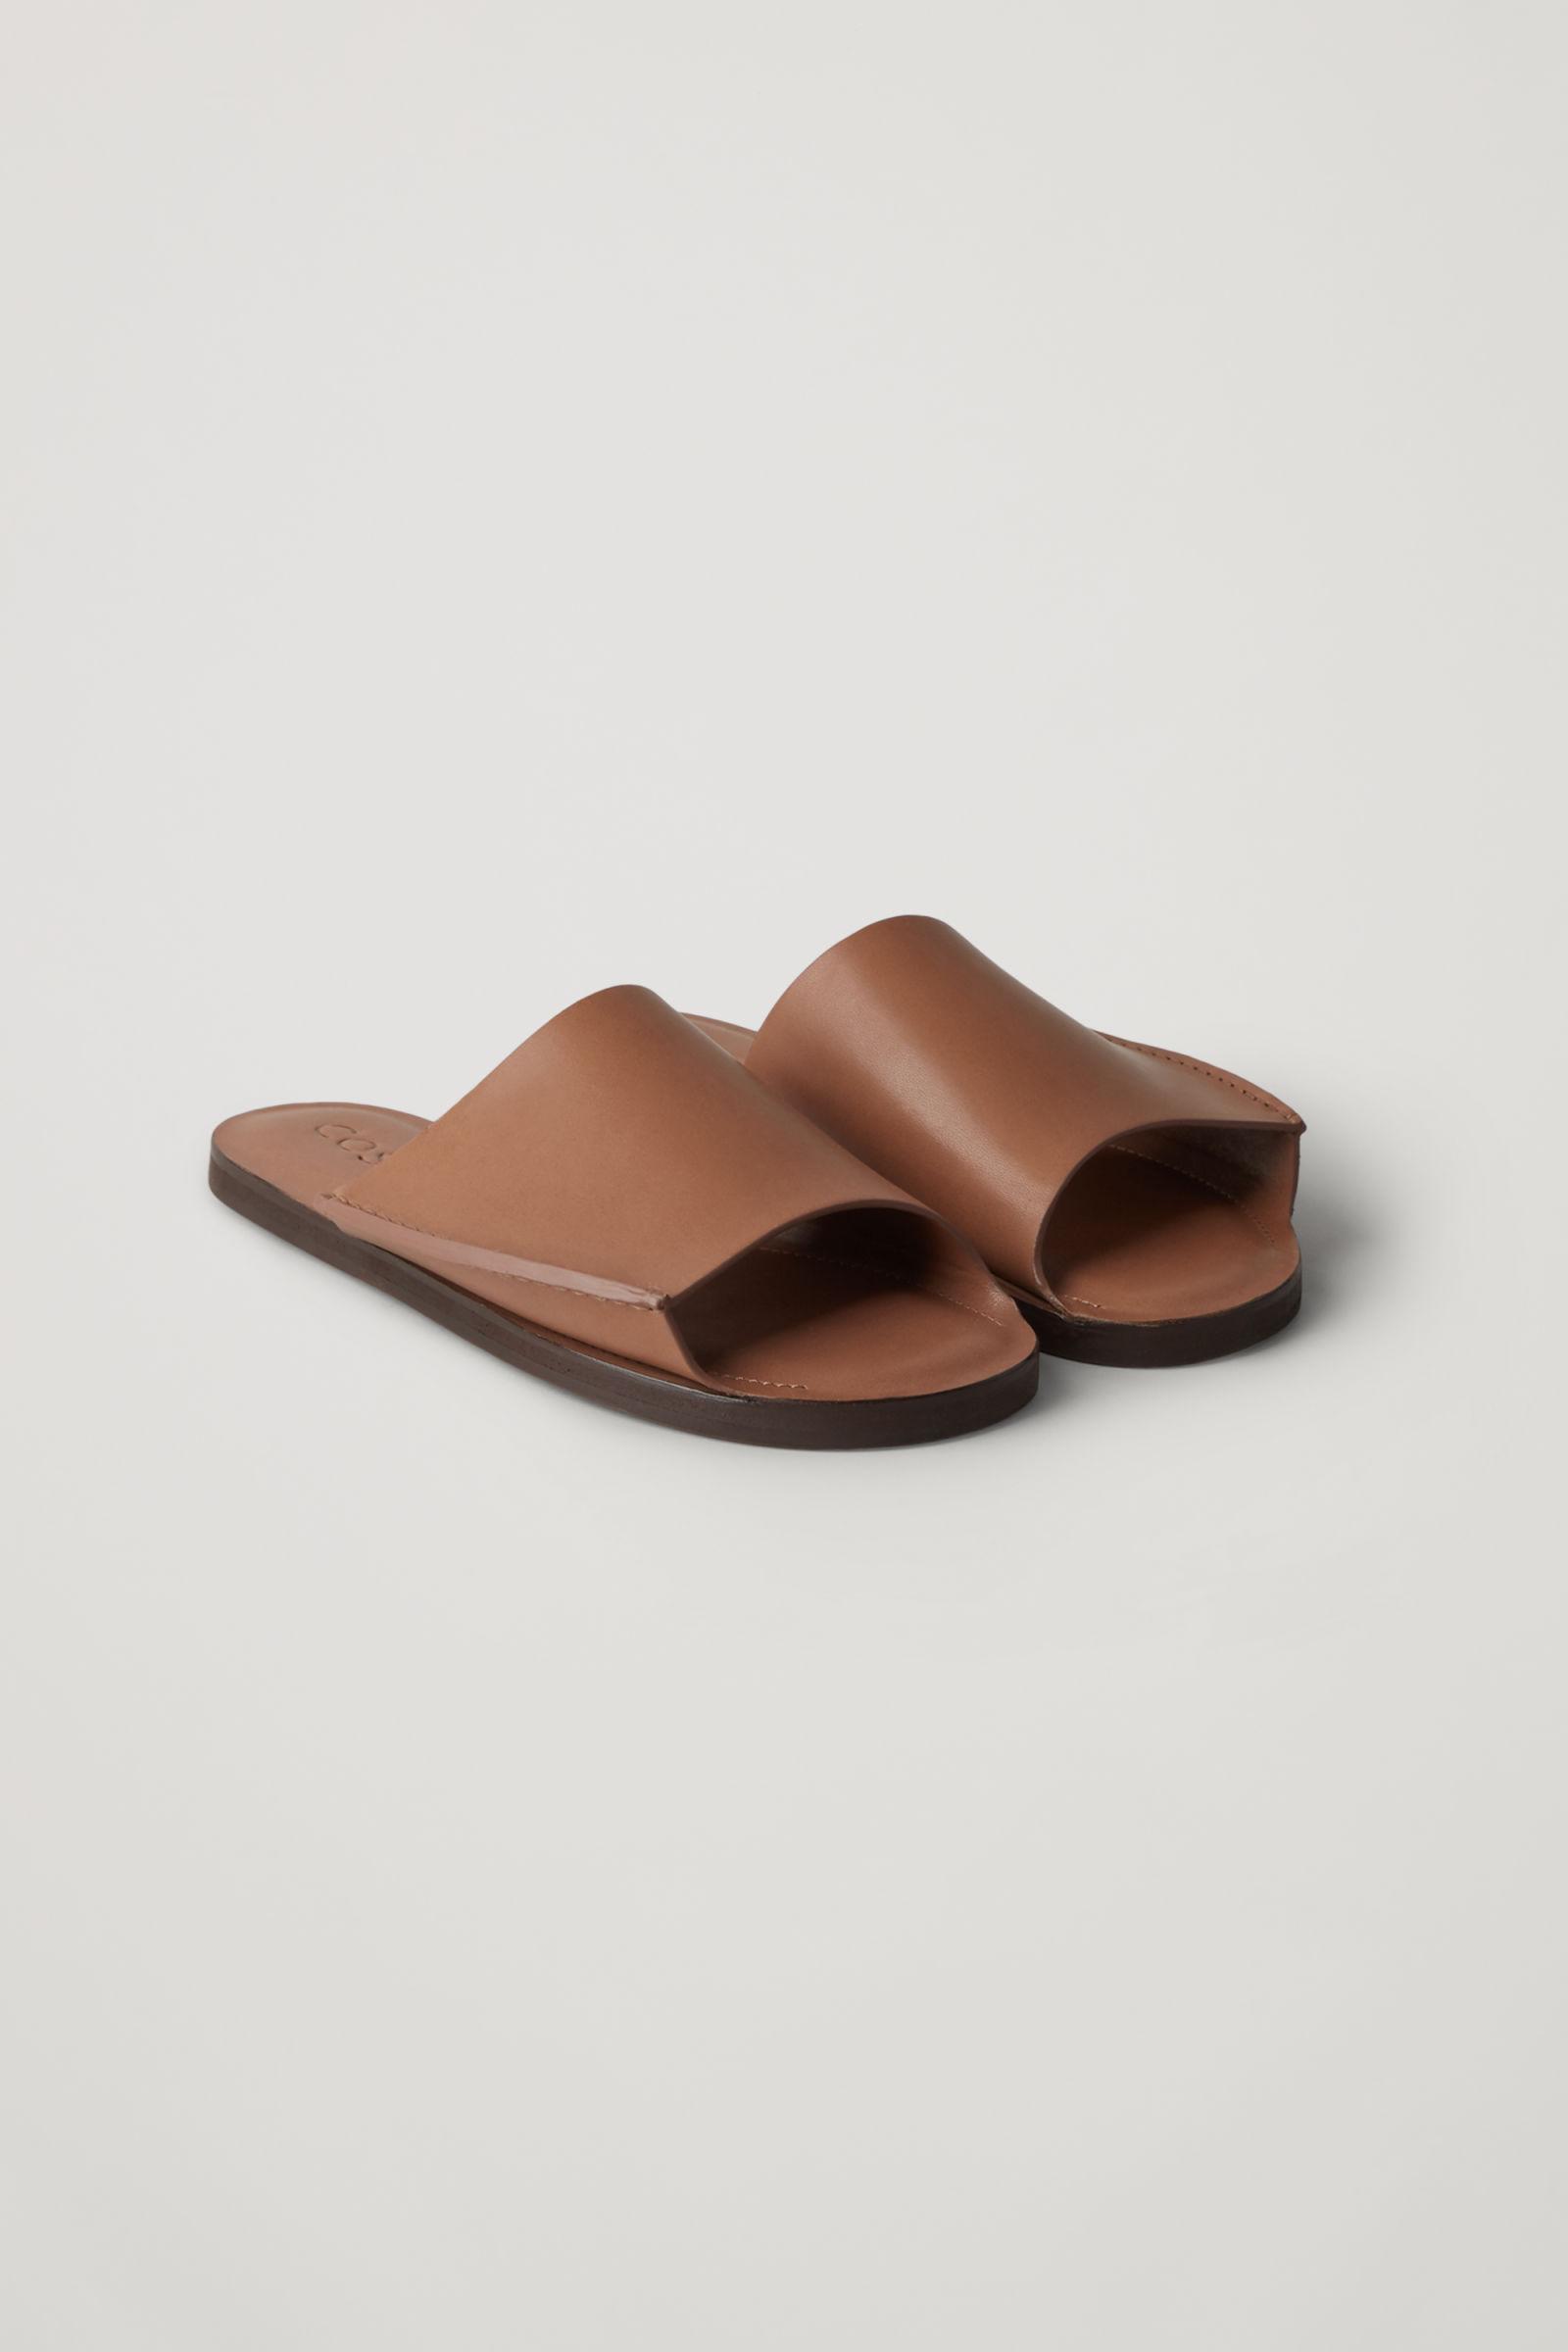 Mens Sandal Trends